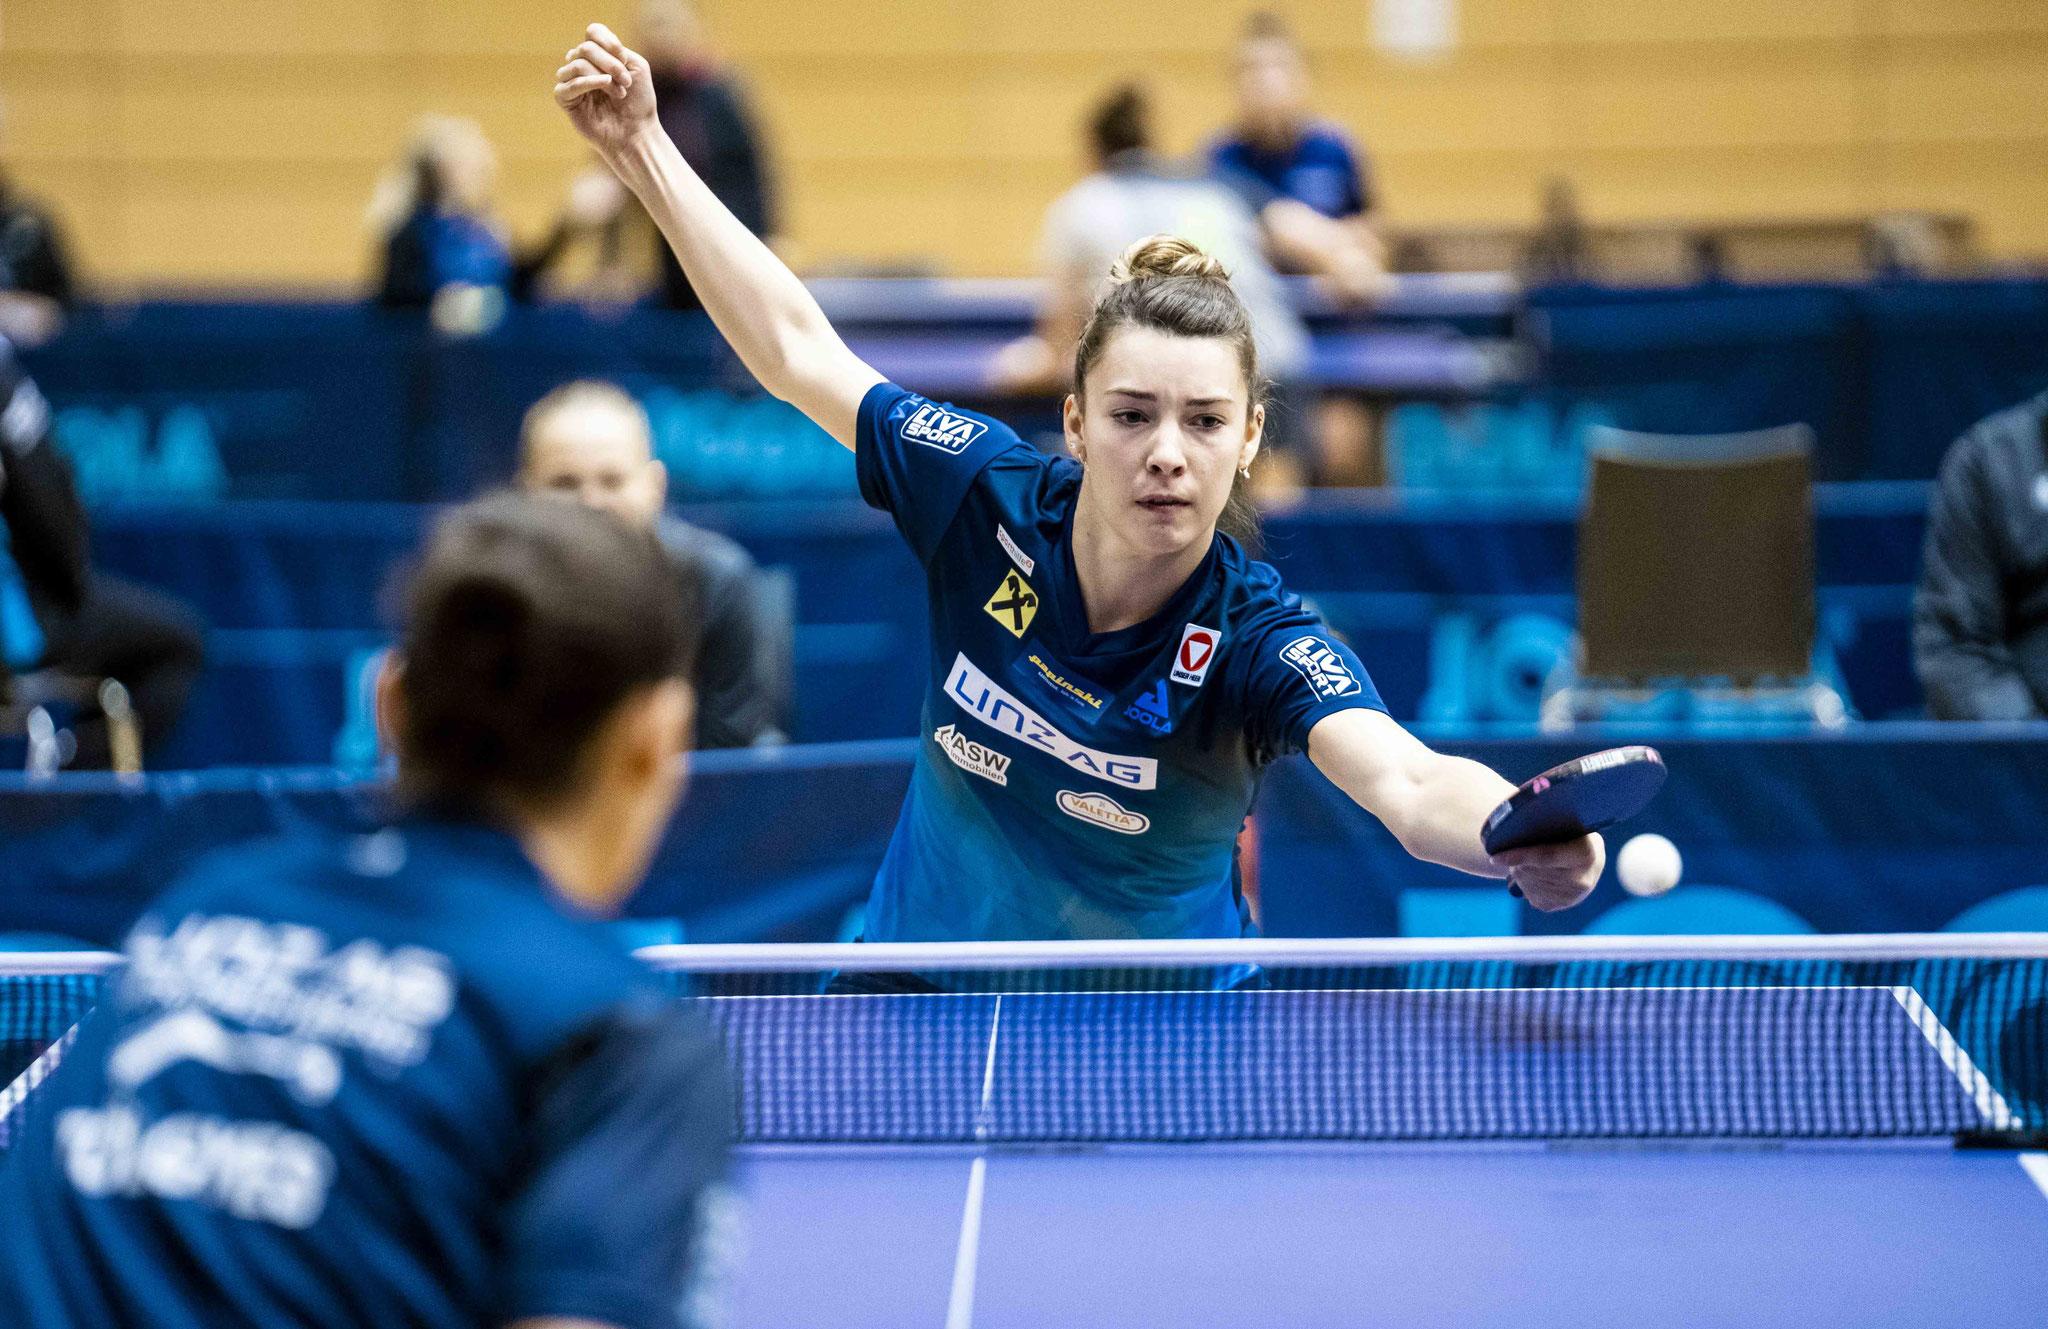 Foto Tobias Höfinger - Karoline Mischek